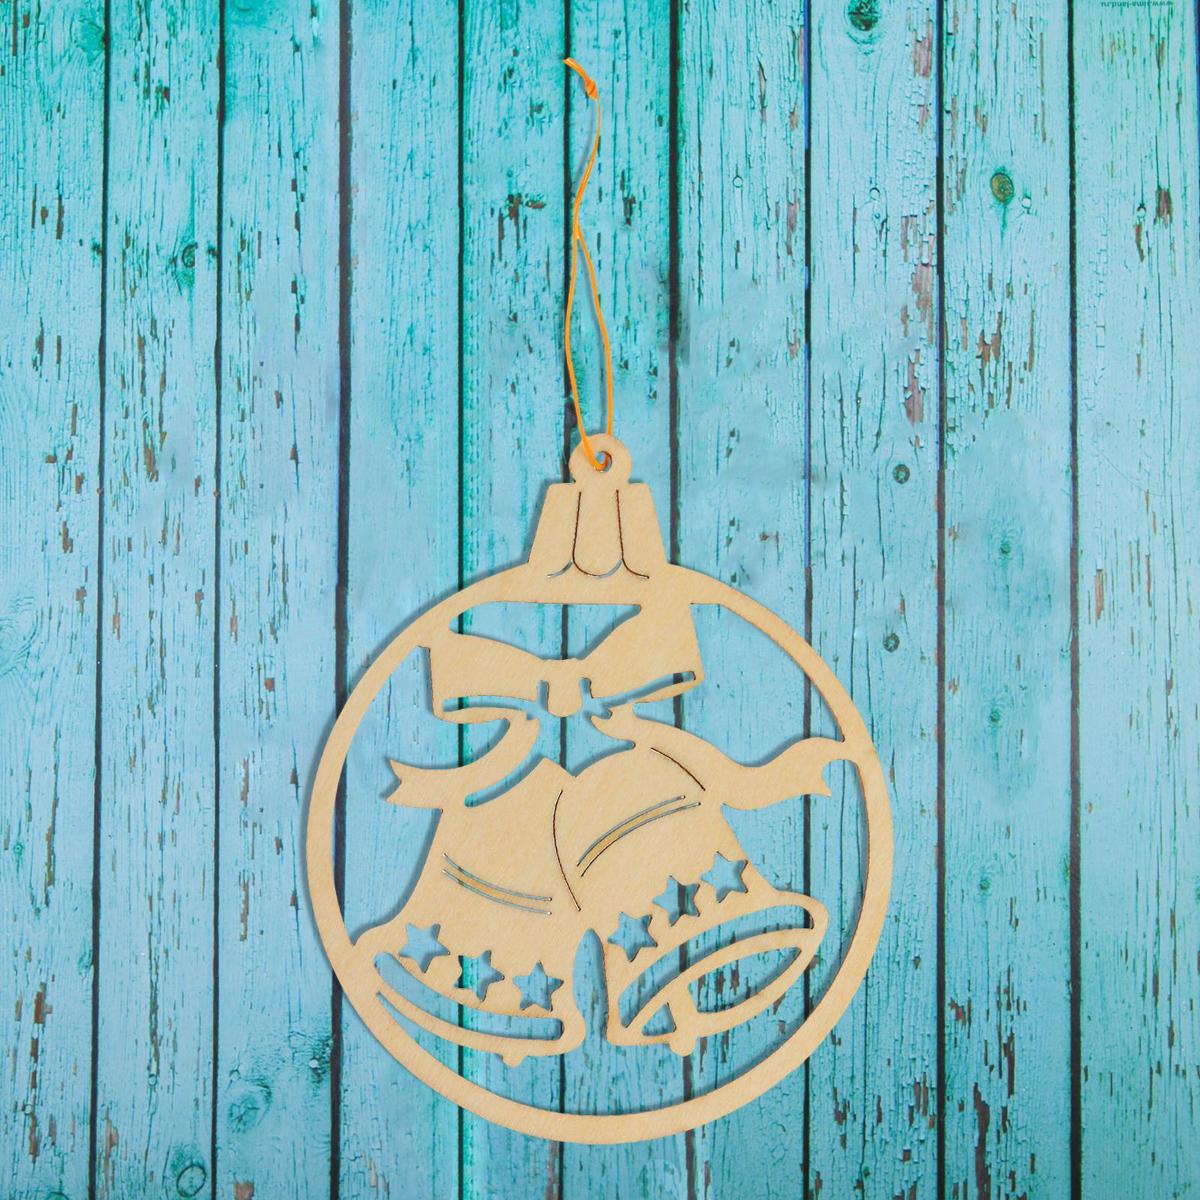 Новогоднее подвесное украшение Sima-land Колокольчики, под роспись, 8,3 х 10 см1393682Новогоднее украшение Sima-land отлично подойдет для декорации вашего дома и новогодней ели. Елочная игрушка - символ Нового года. Она несет в себе волшебство и красоту праздника. Такое украшение создаст в вашем доме атмосферу праздника, веселья и радости.